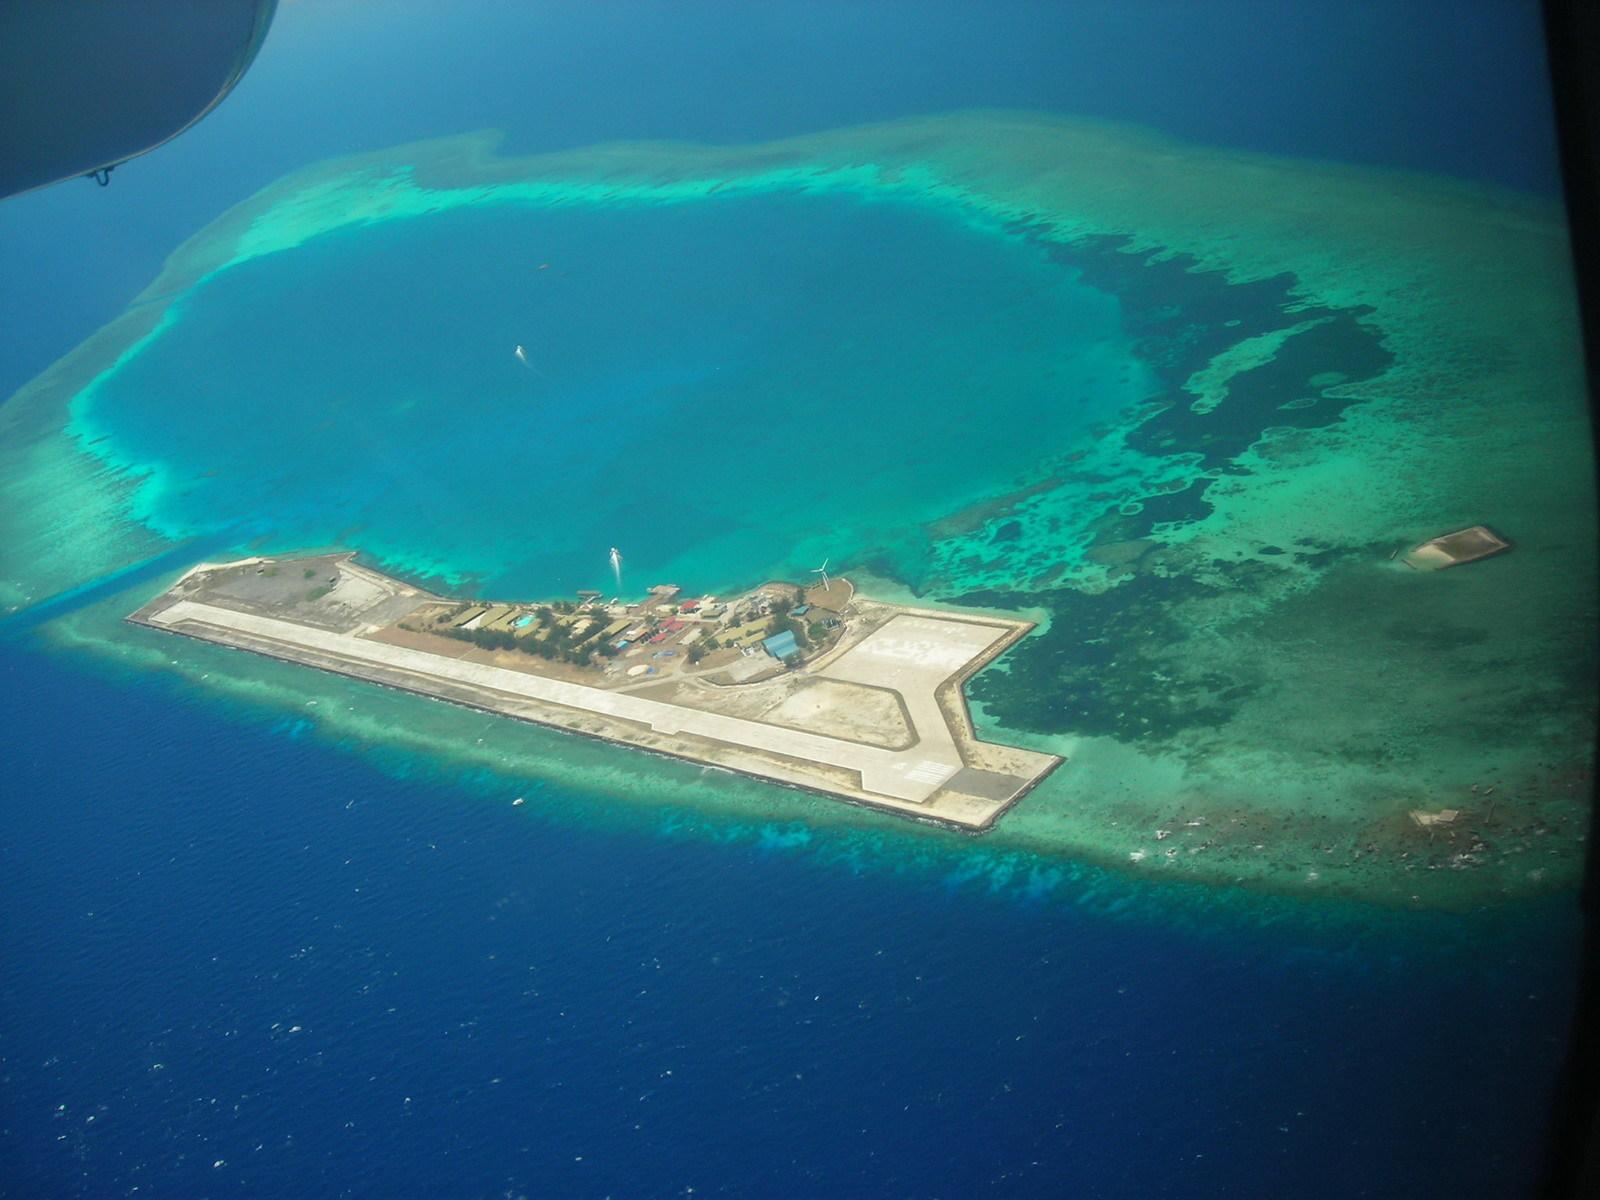 菊香书屋666 南沙群岛       1999 年5月,马来西亚经过长期计划与准备